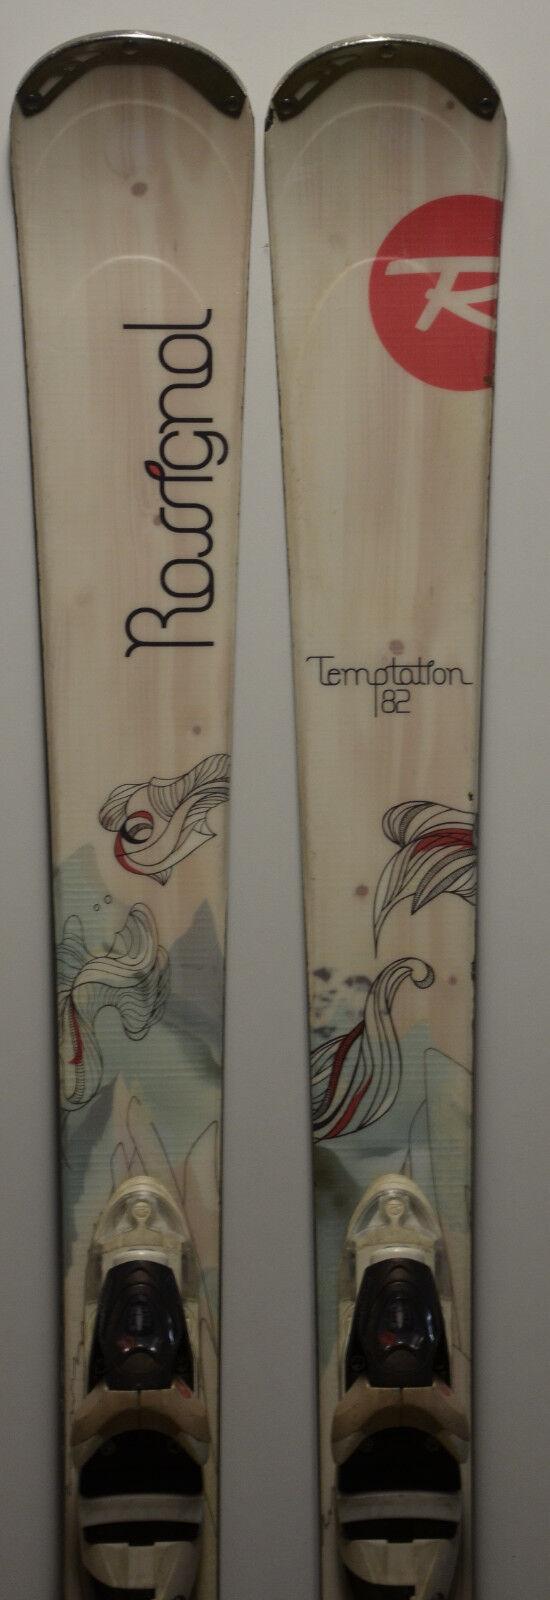 Esquís parabólico usado Mujer ROSSIGNOL Temptation 82 - 168cm